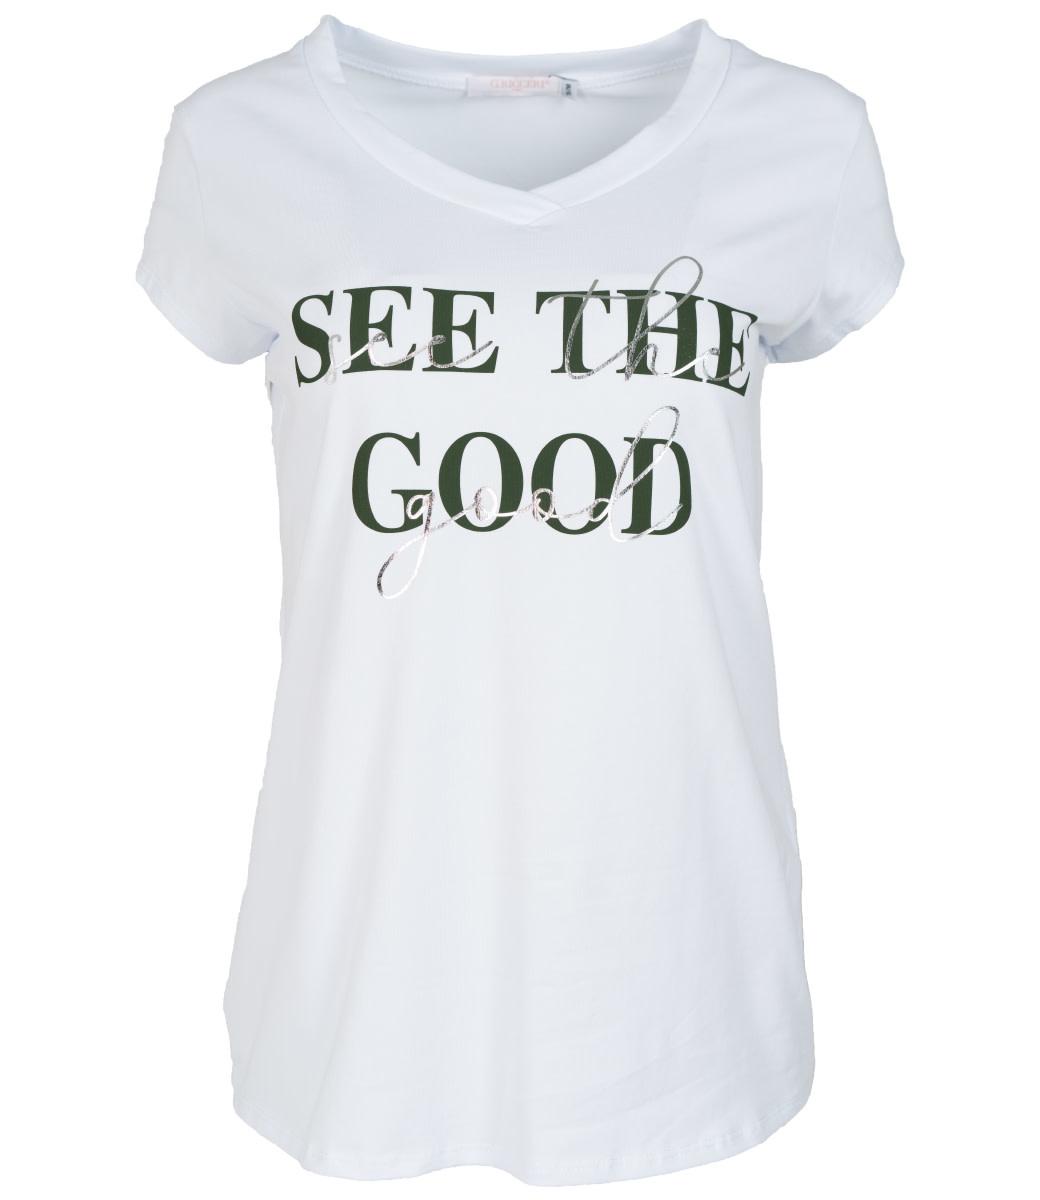 Gemma Ricceri Shirt wit/groen See the good